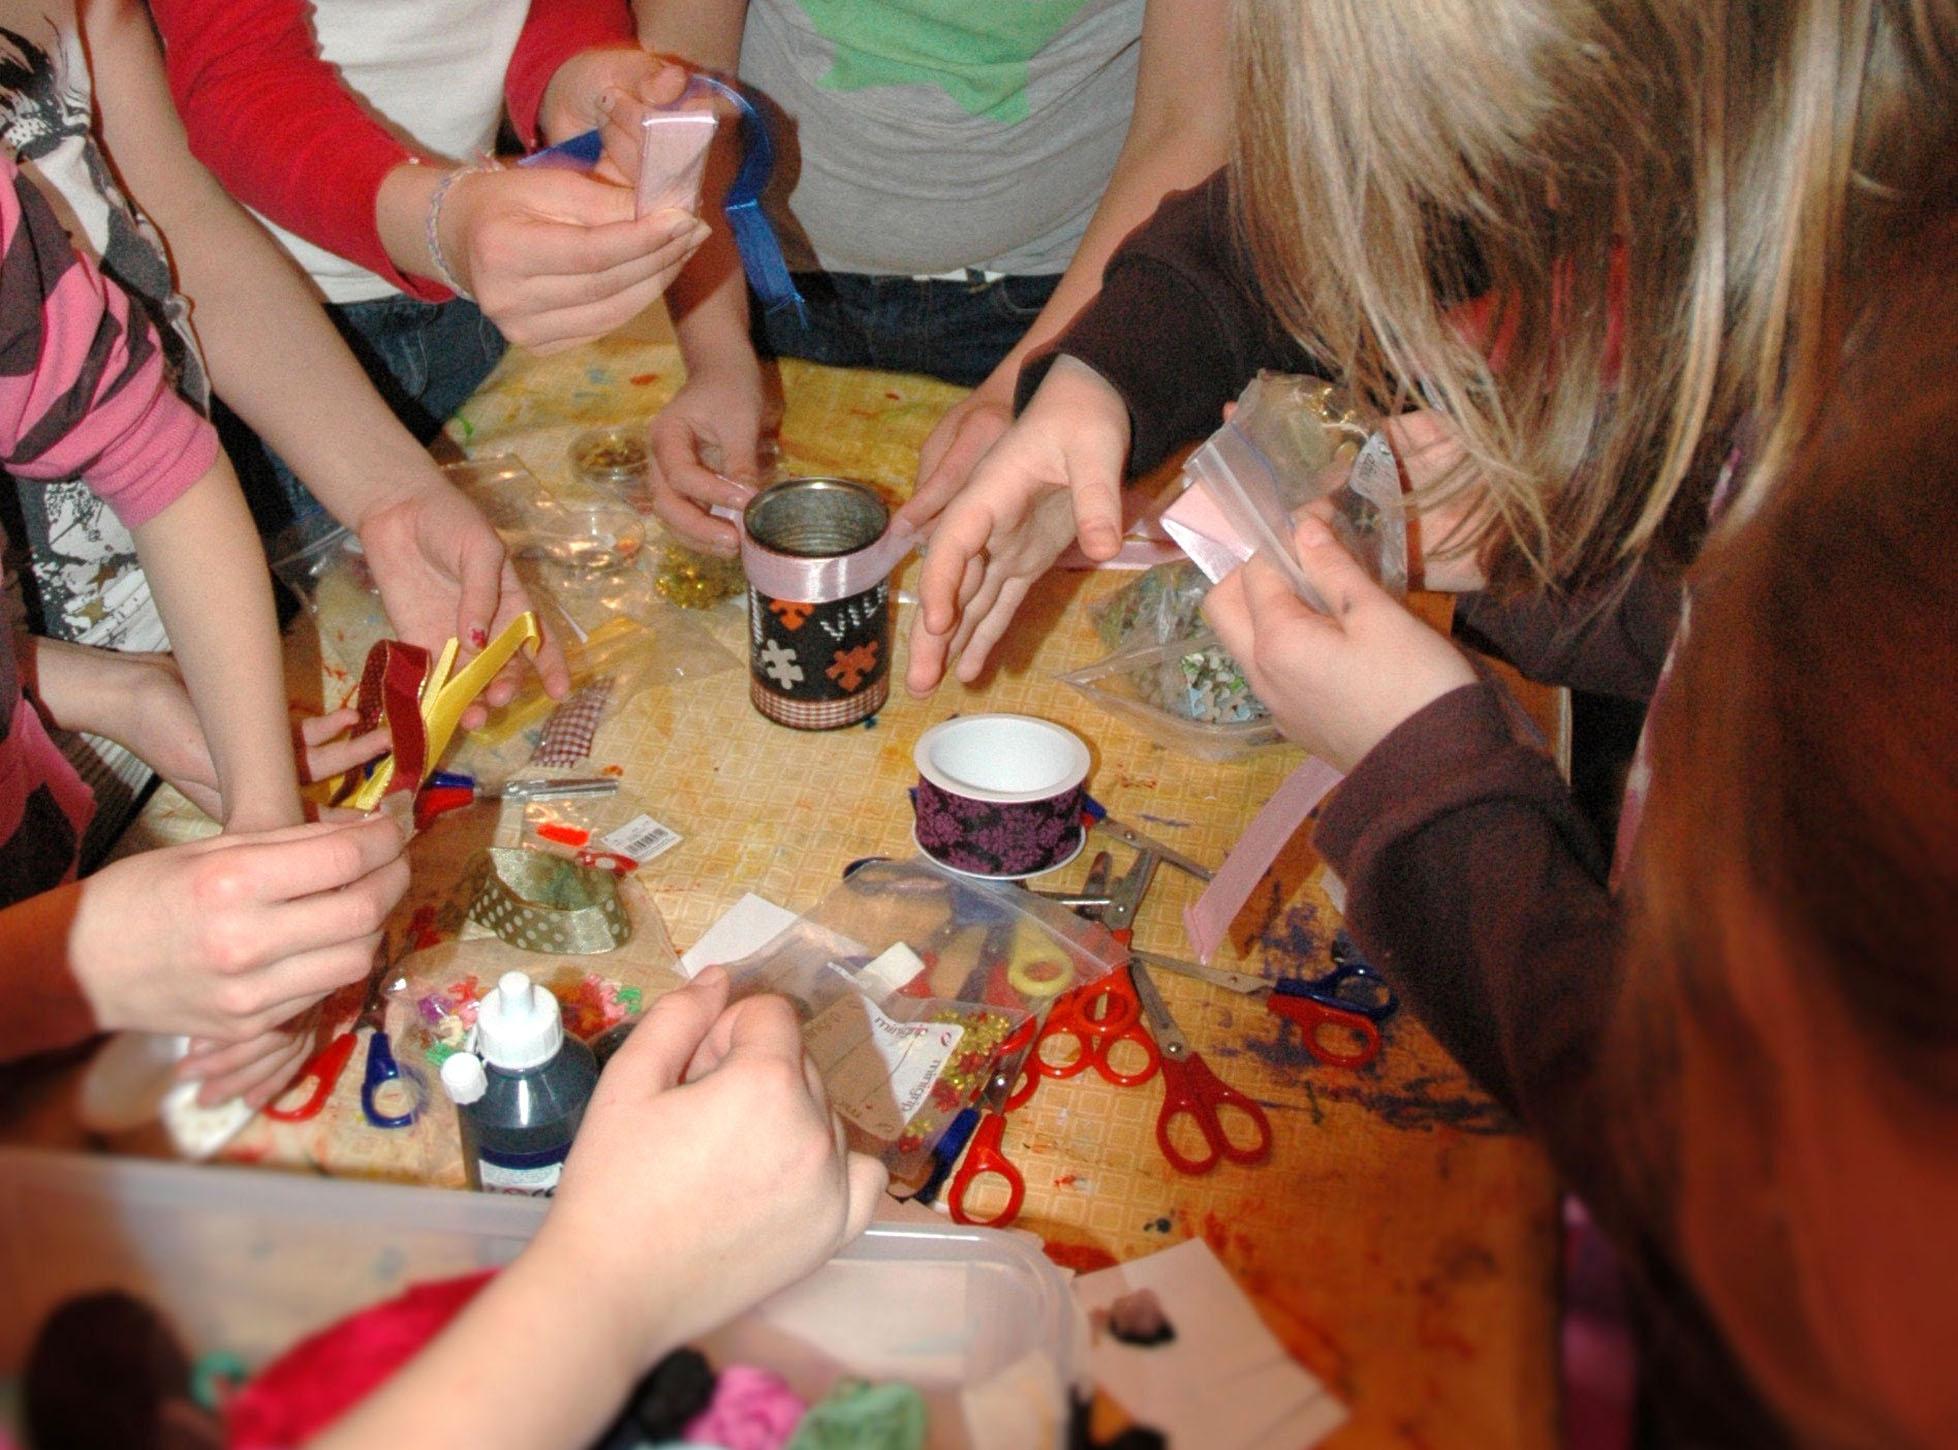 Lasten kädet tavoittelevat askartelutarvikkeita pöydällä